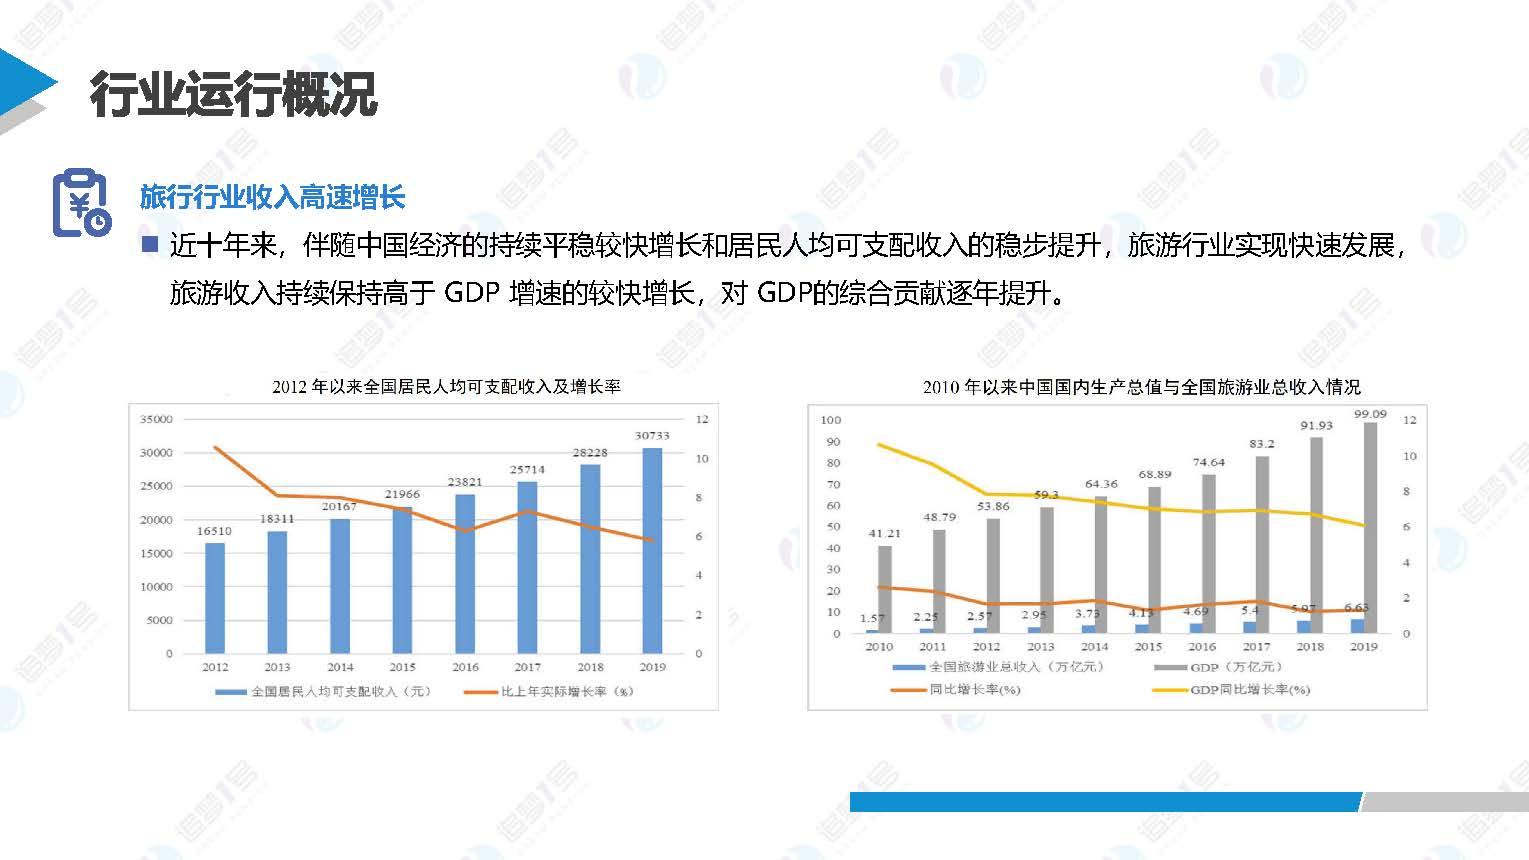 中国旅游行业研究 _页面_13.jpg